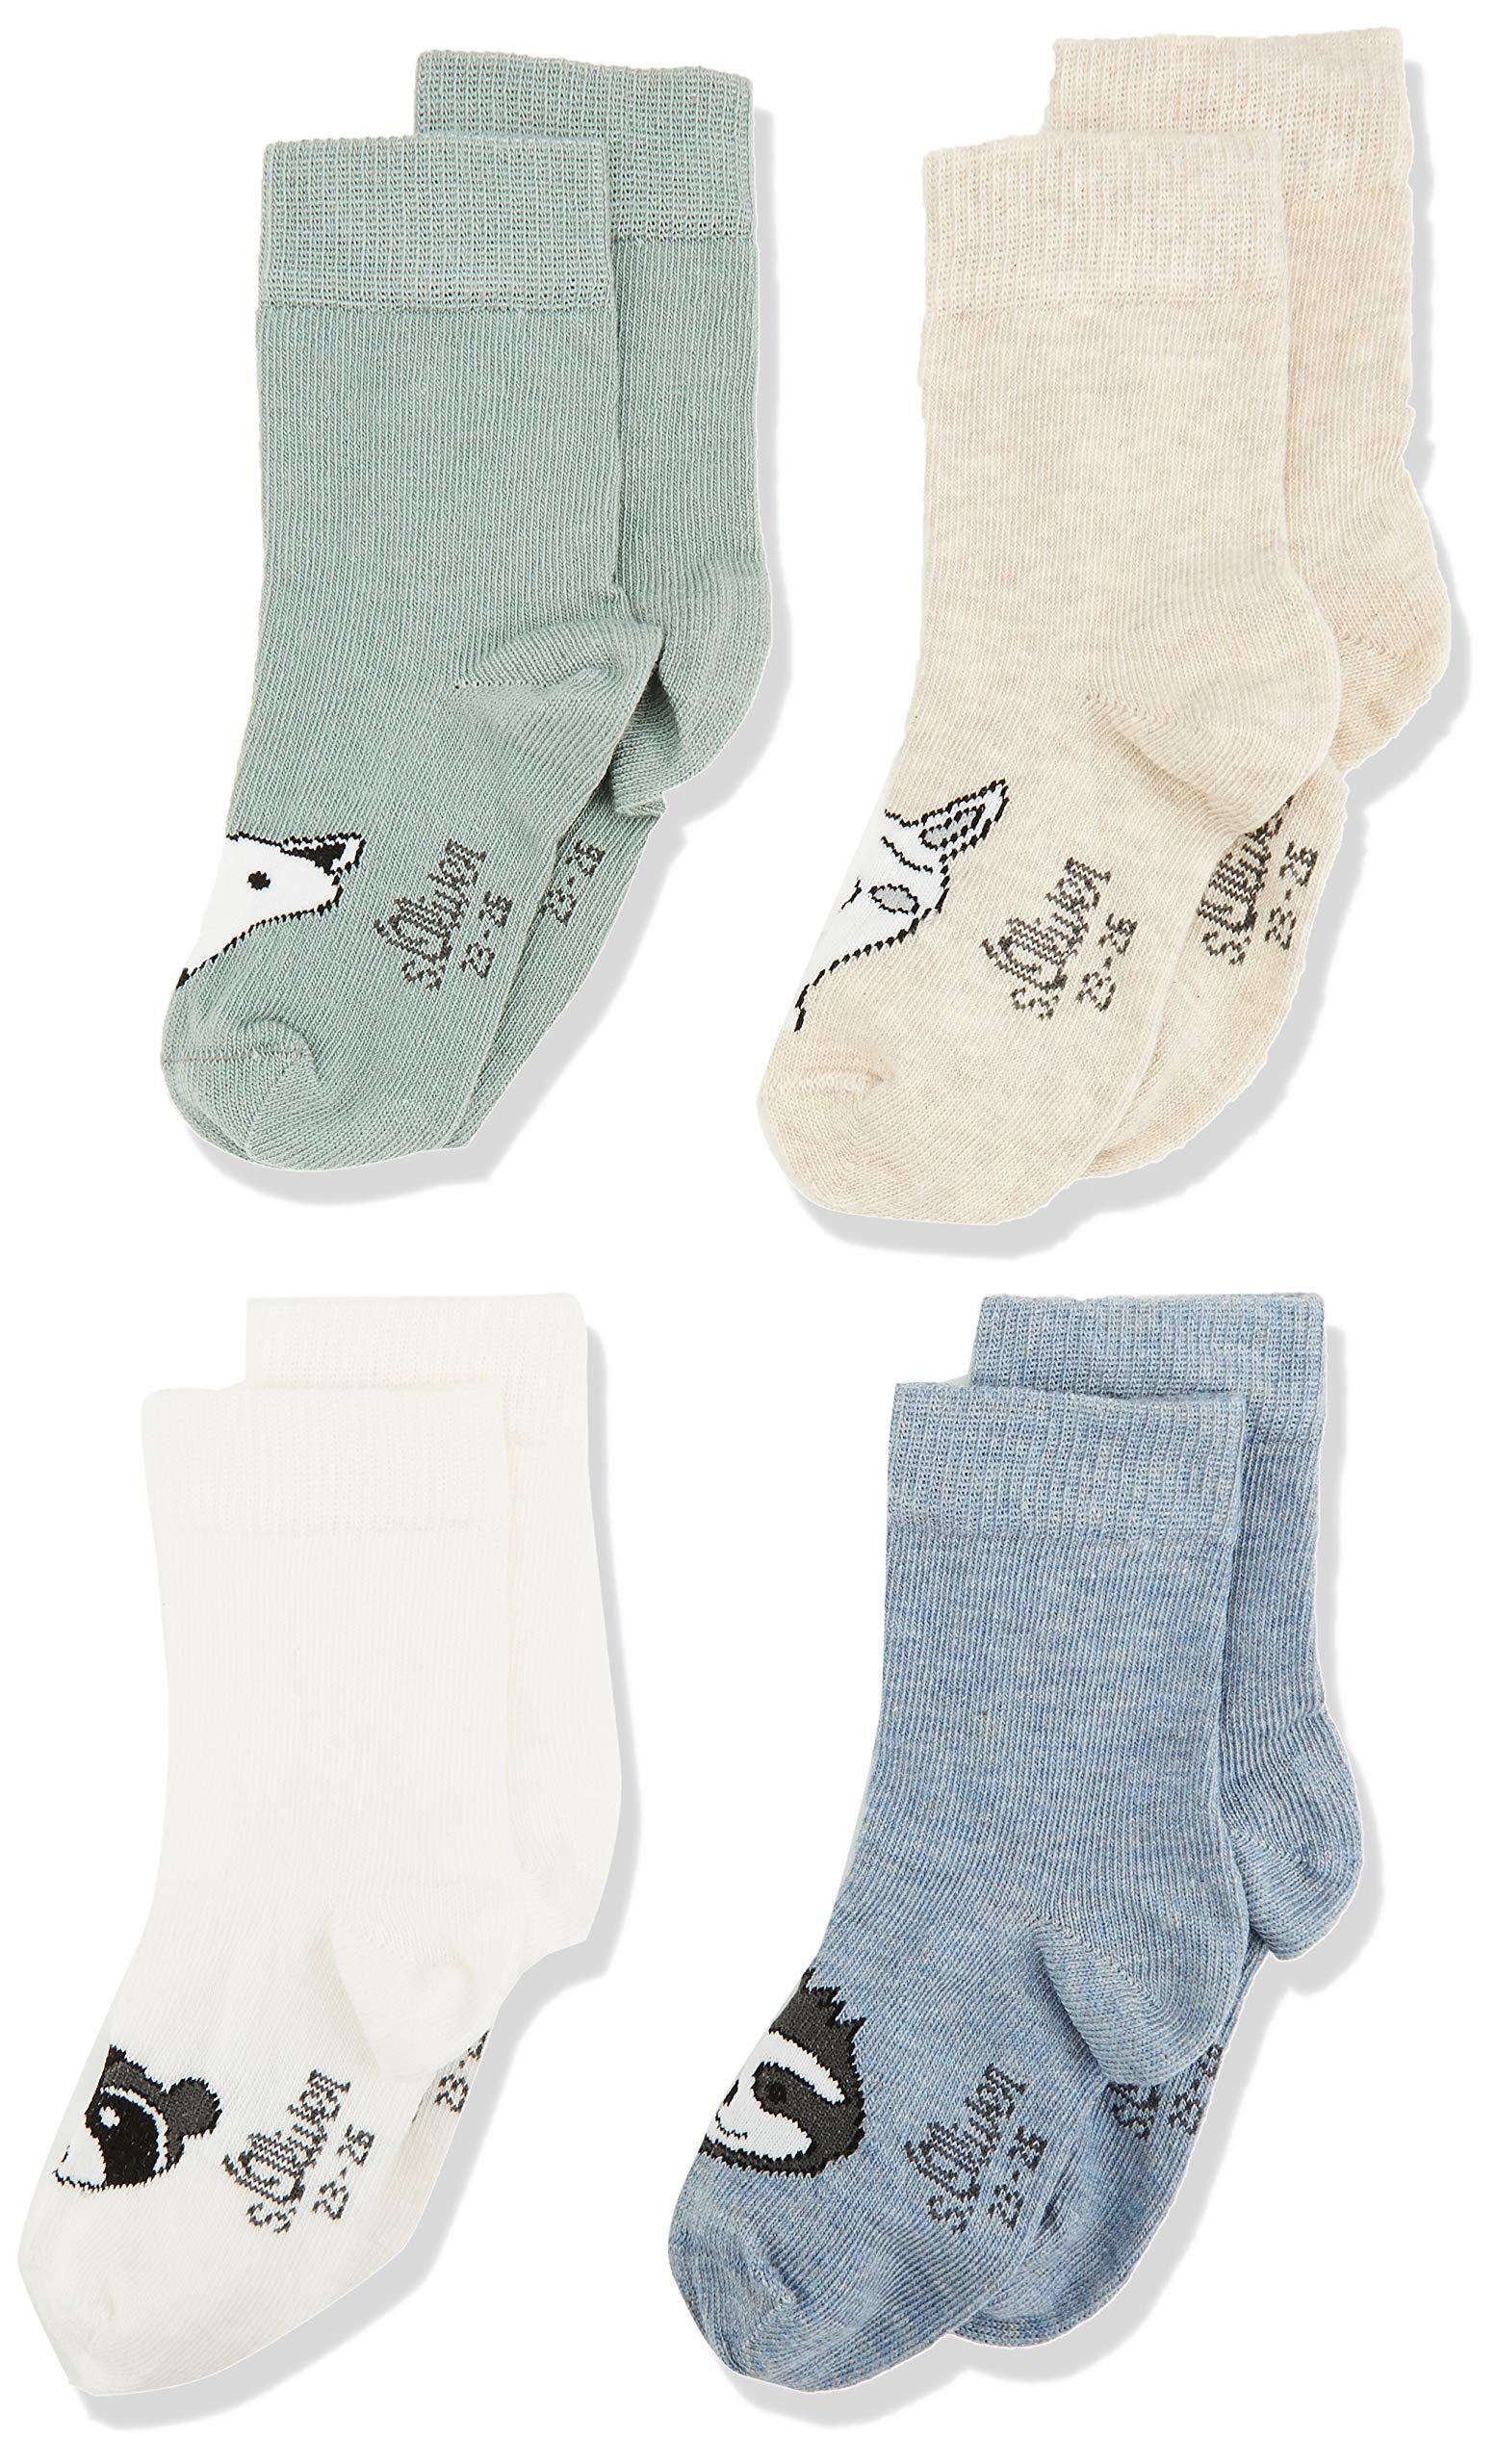 s.Oliver Socks Calcetines (Pack de 4) para Bebés 3